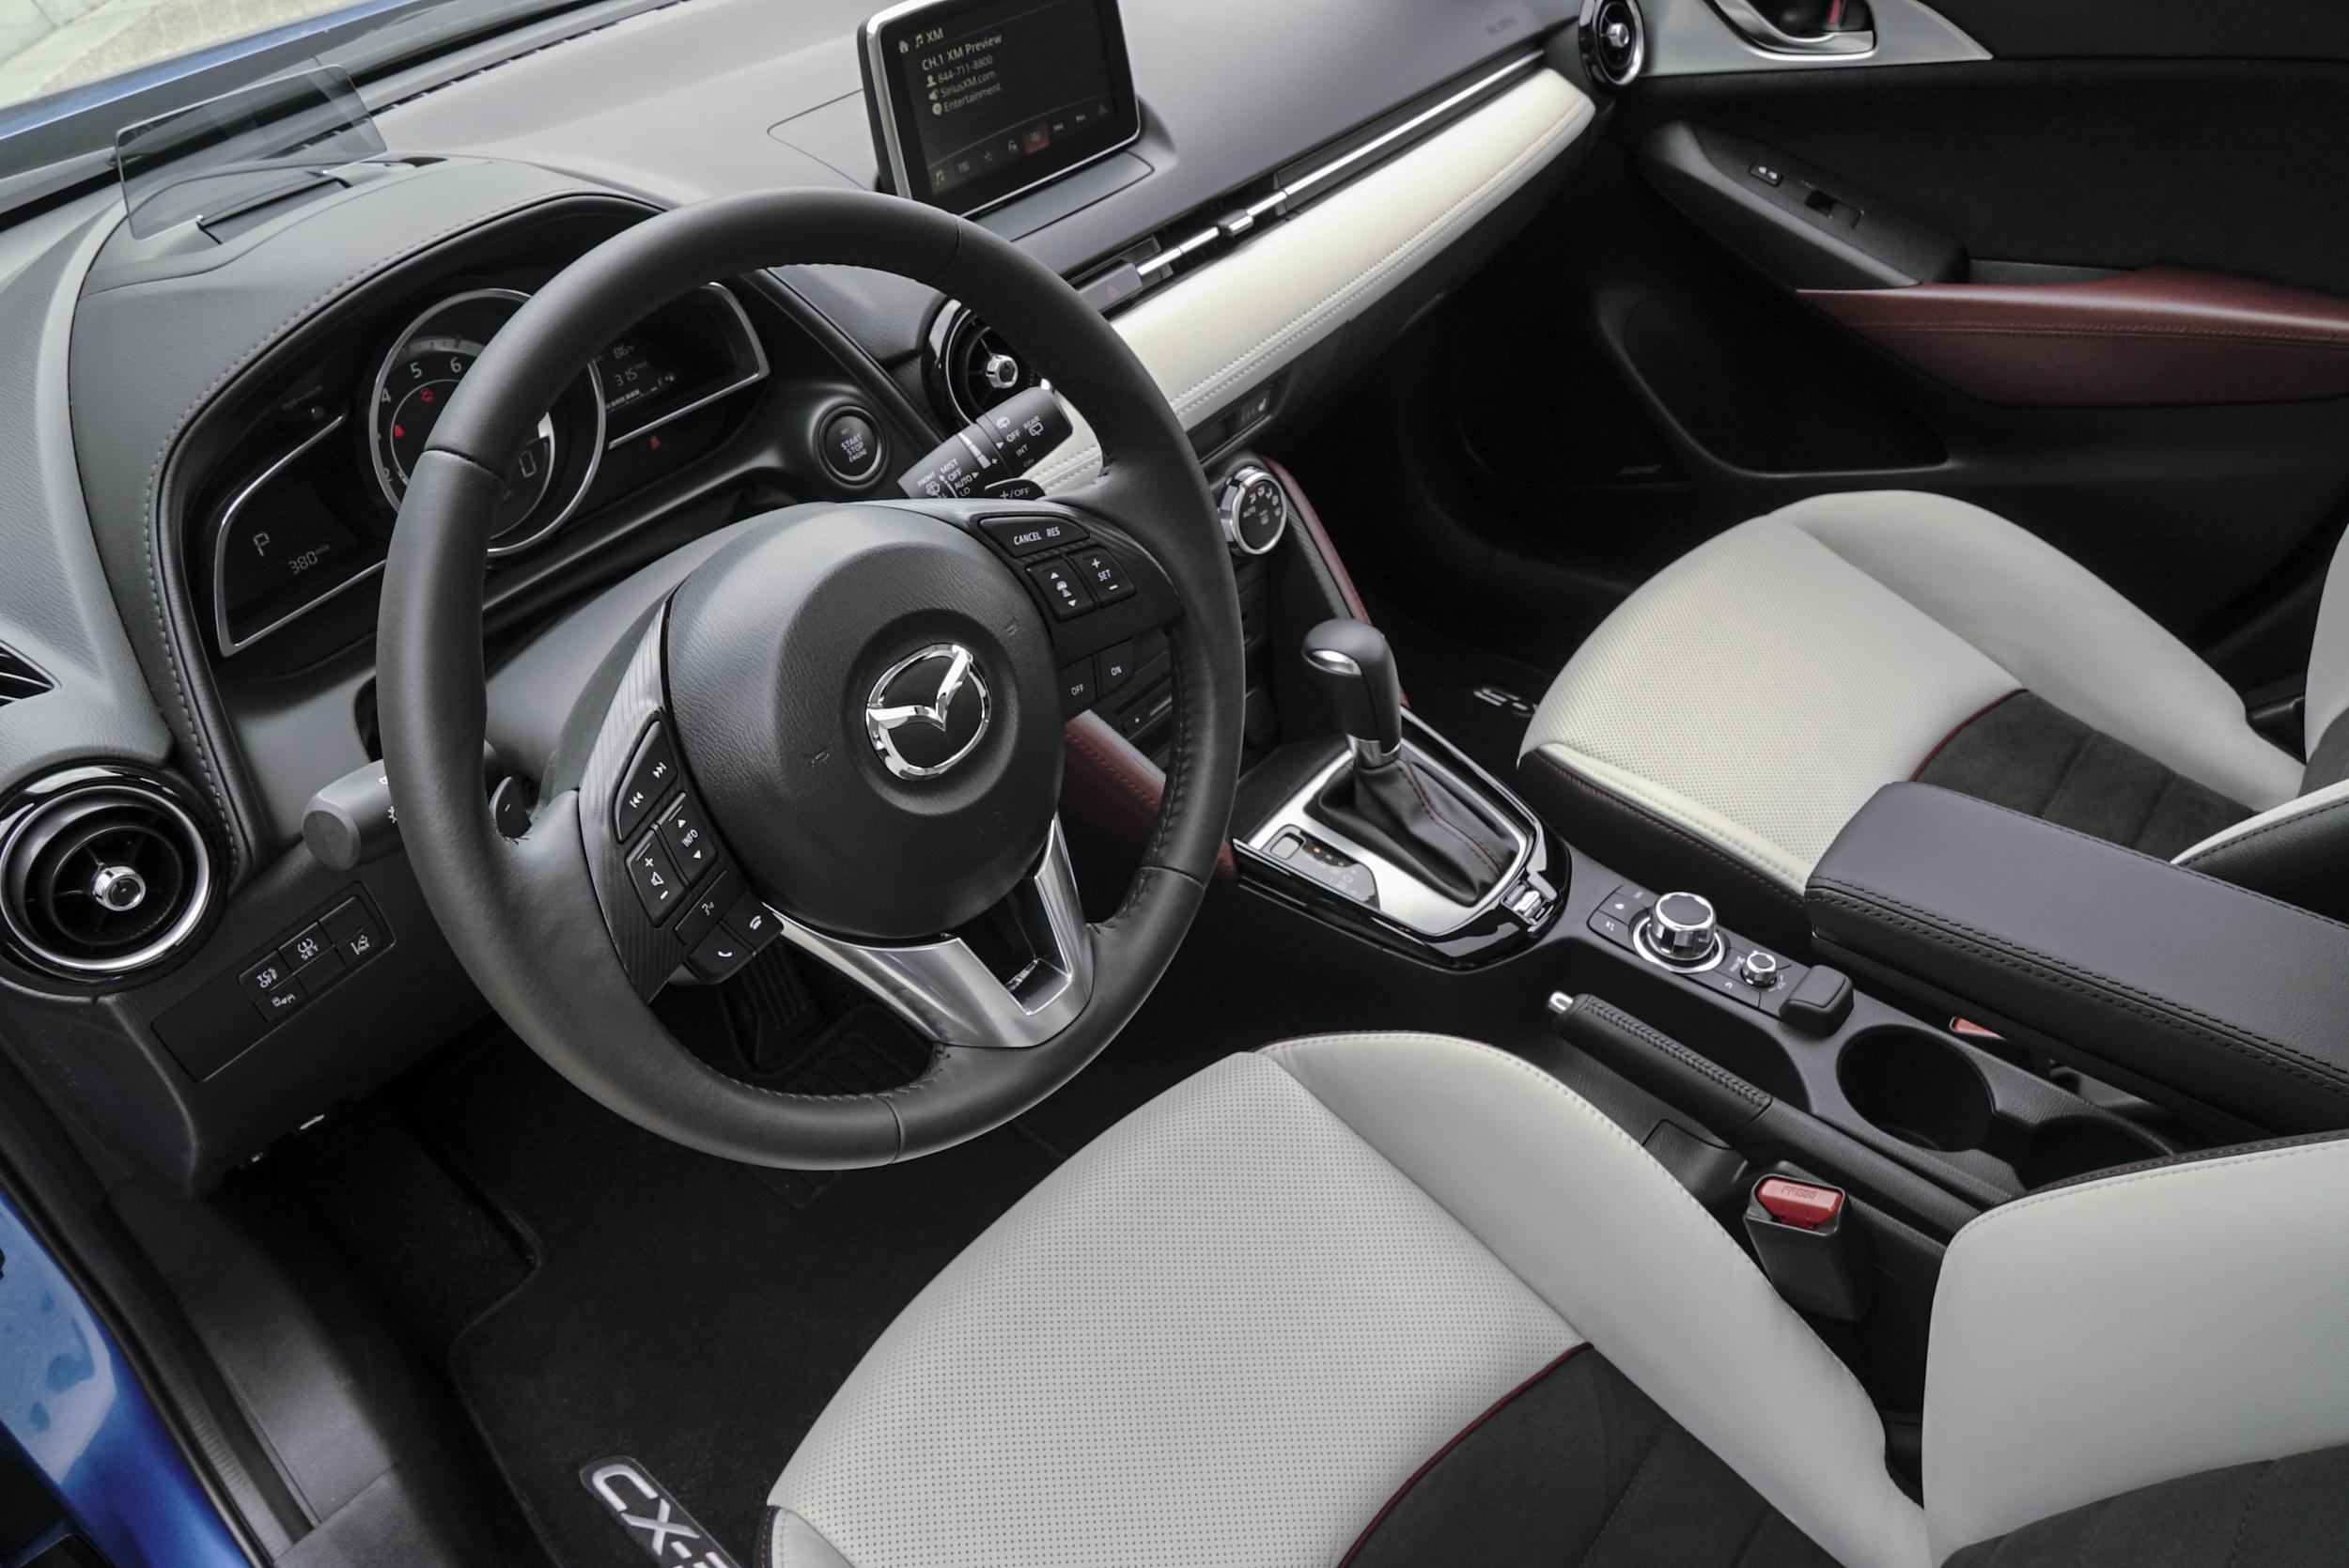 Mazda CX-3 Interior 4 | txGarage